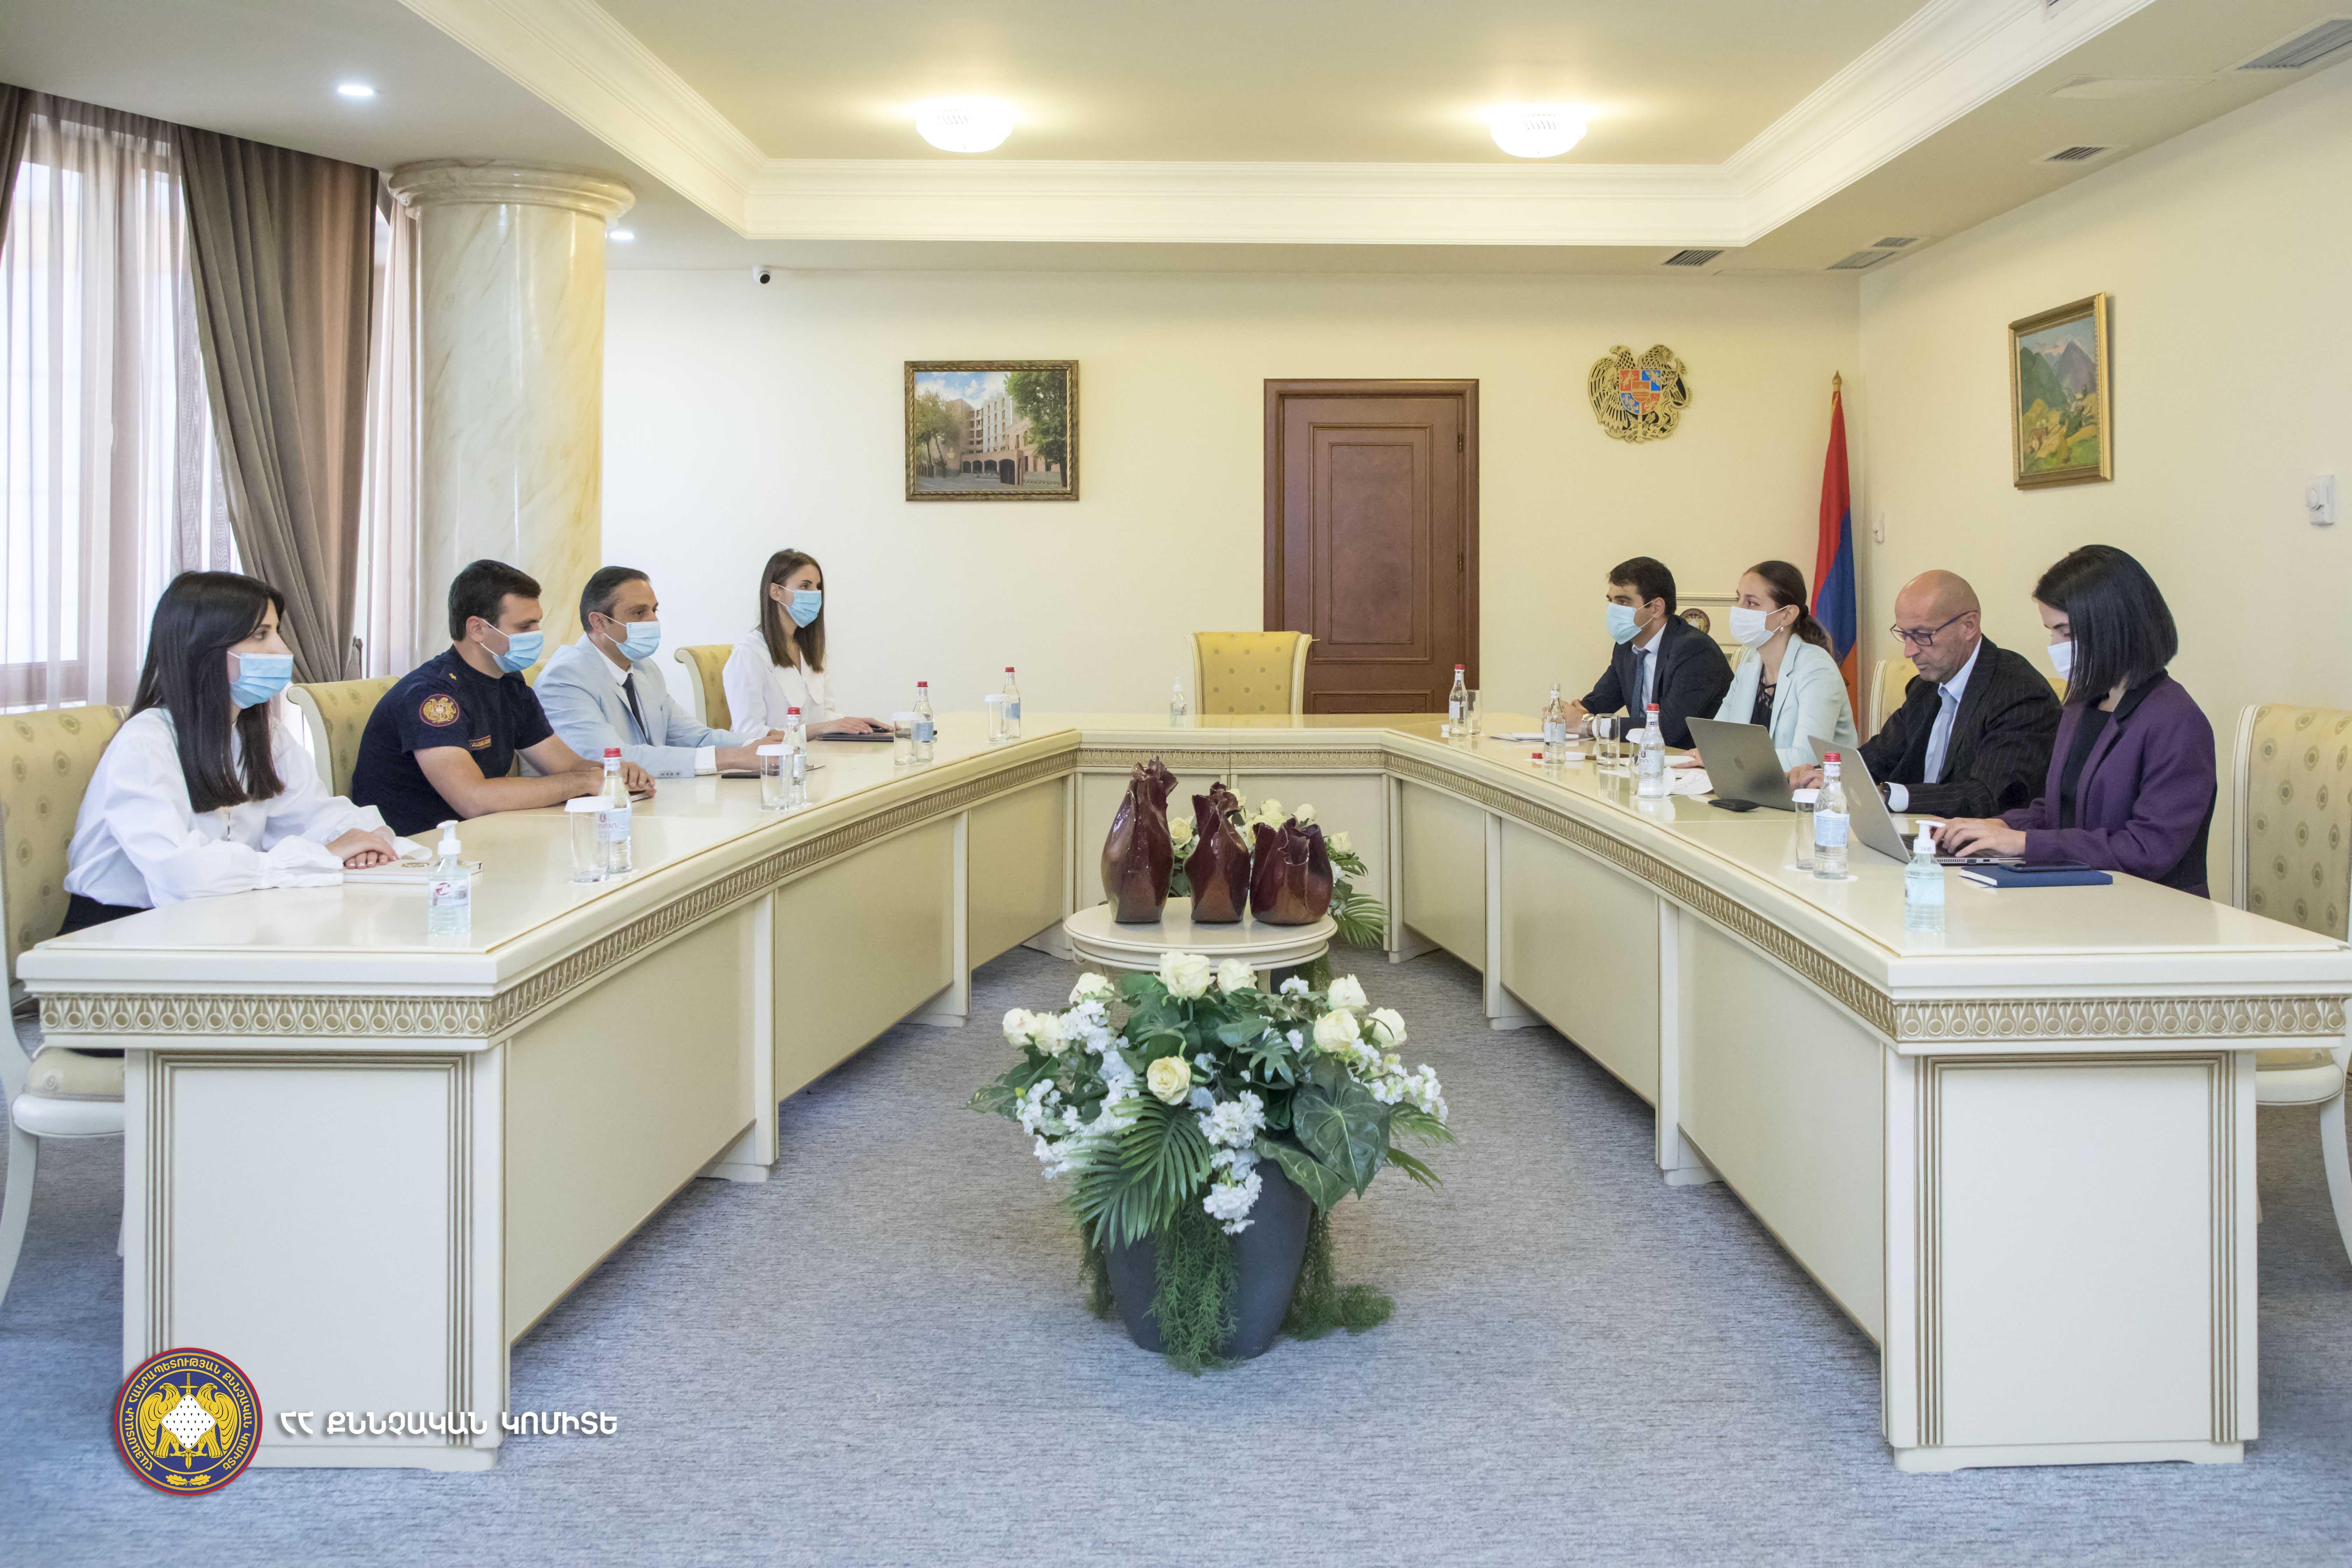 Photo of ՀՀ ՔԿ-ում հանդիպում է կայացել ԵԱՀԿ փորձագետի հետ